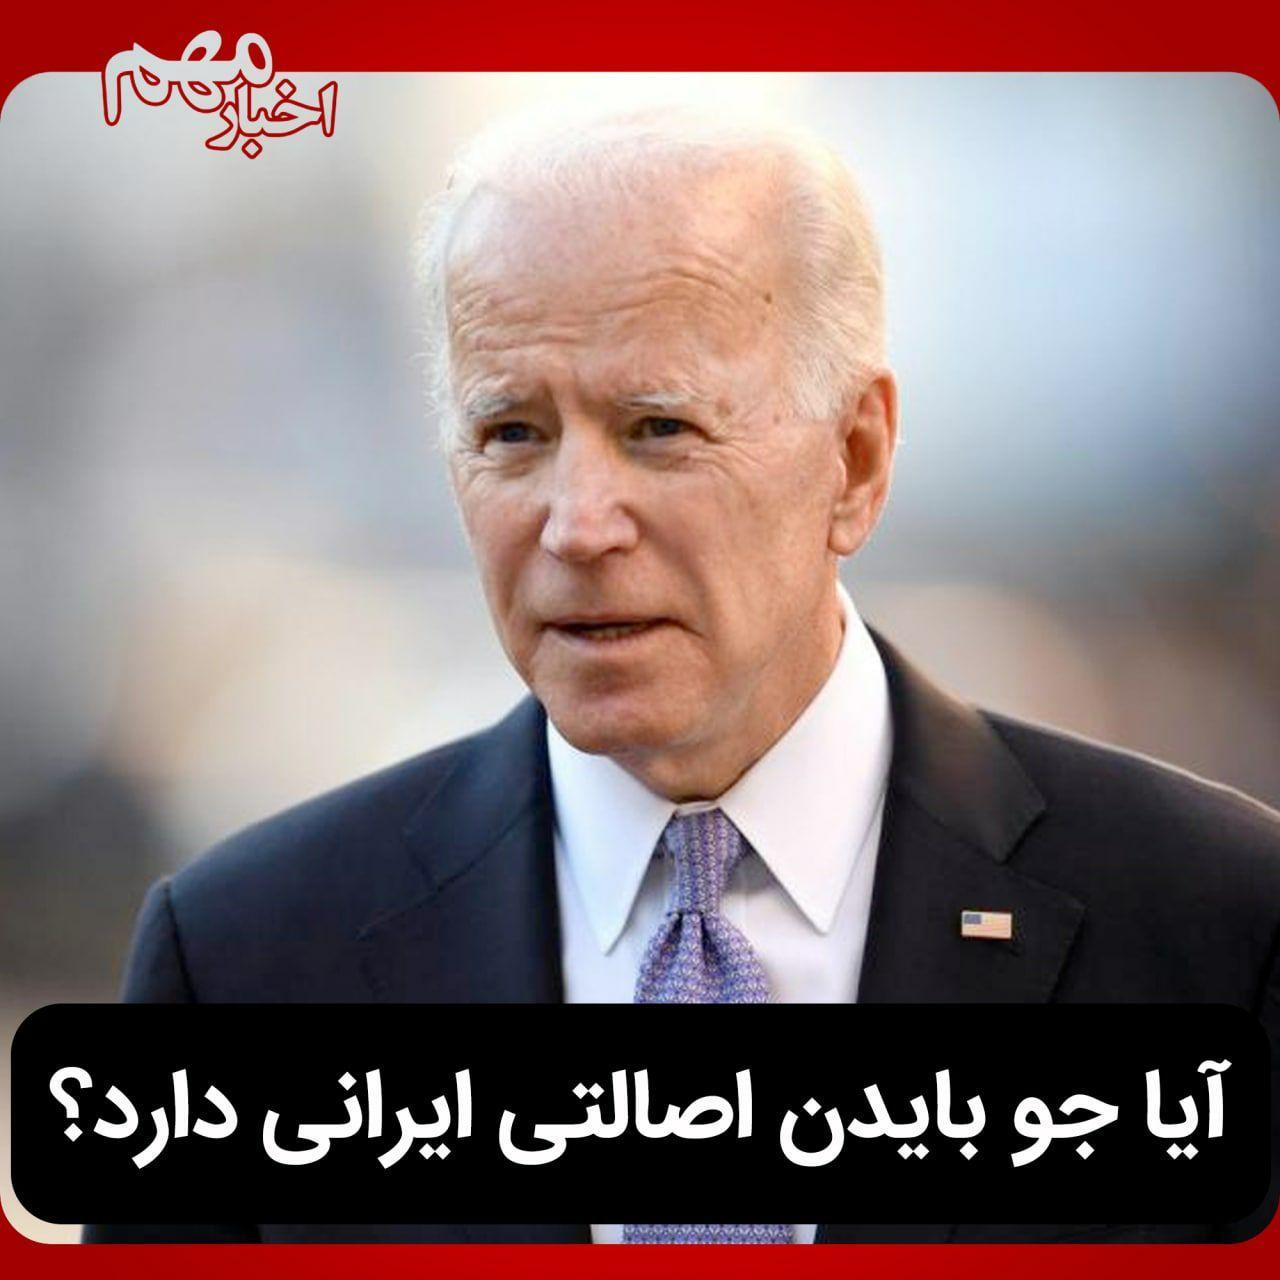 جو بایدن اصالتا ایرانی است؟